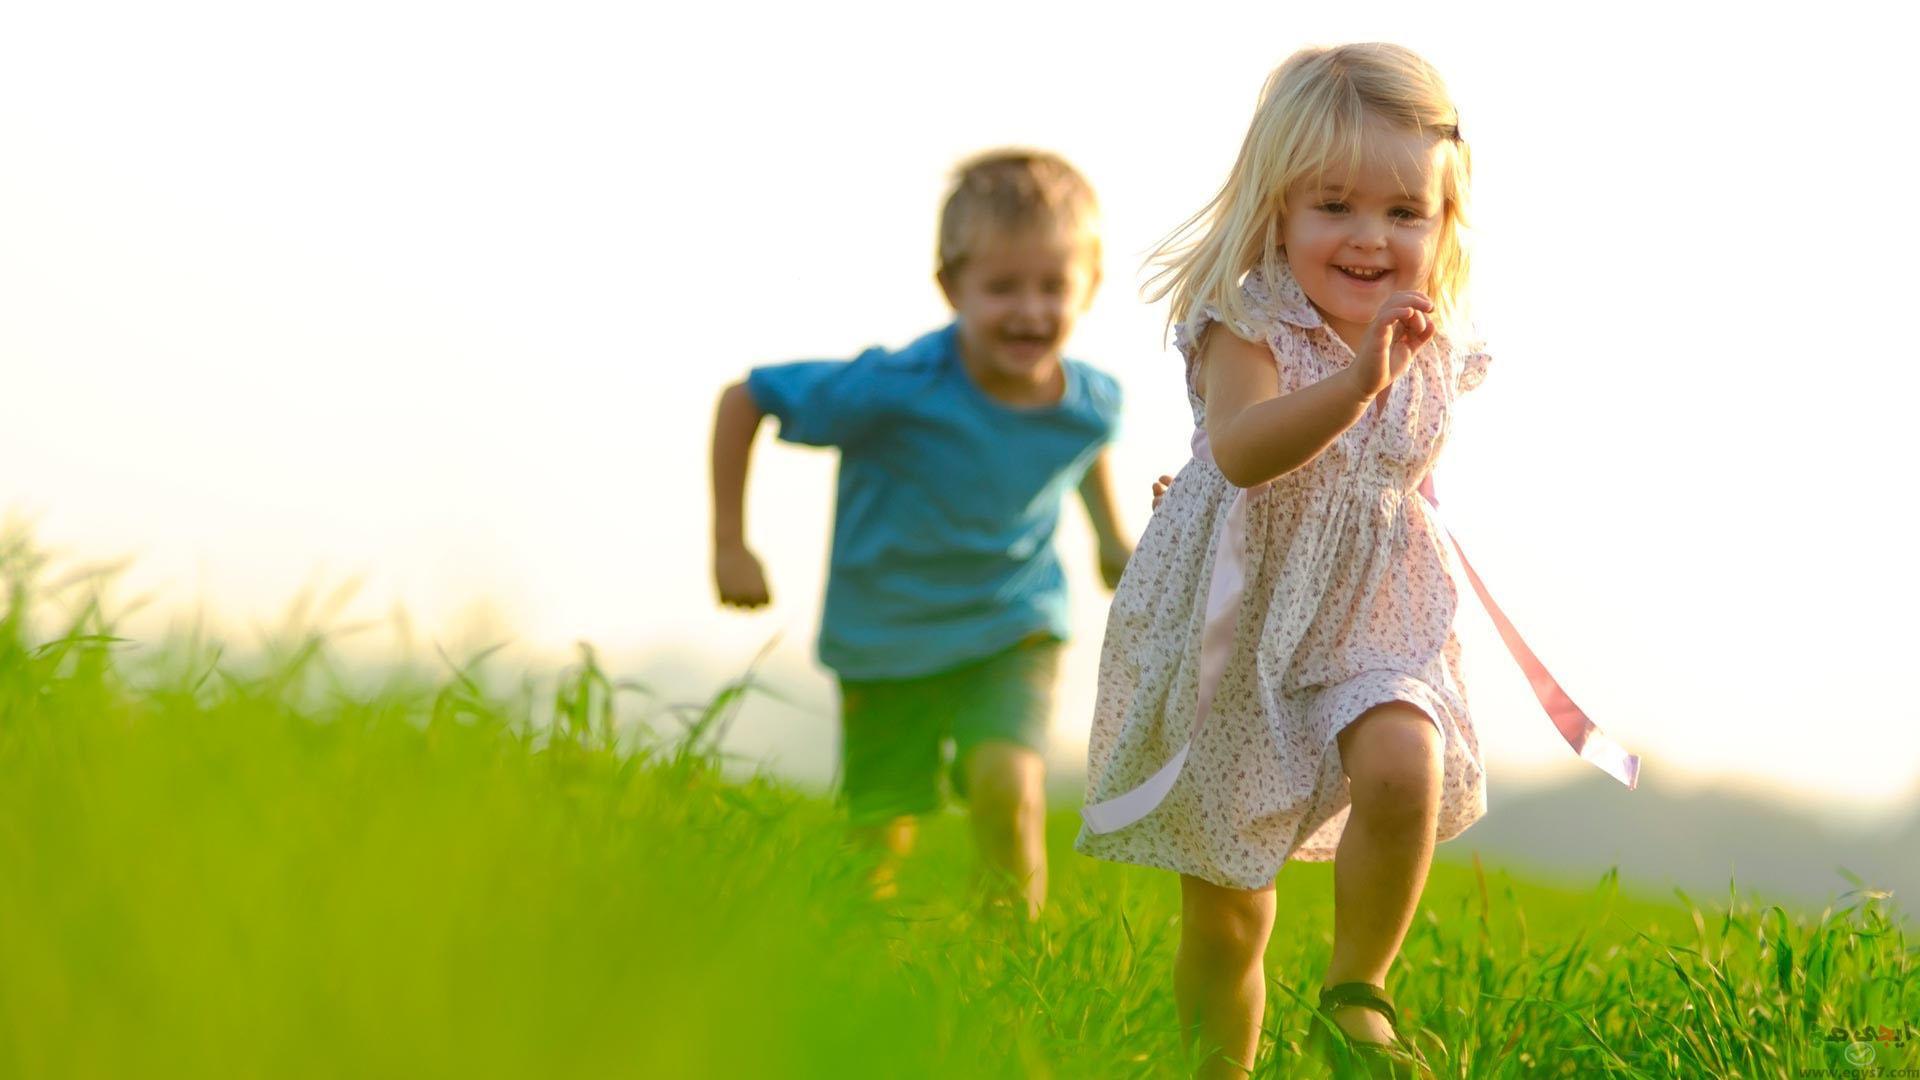 بالصور اطفال في اطفال , ودنيا البراءة 2044 2